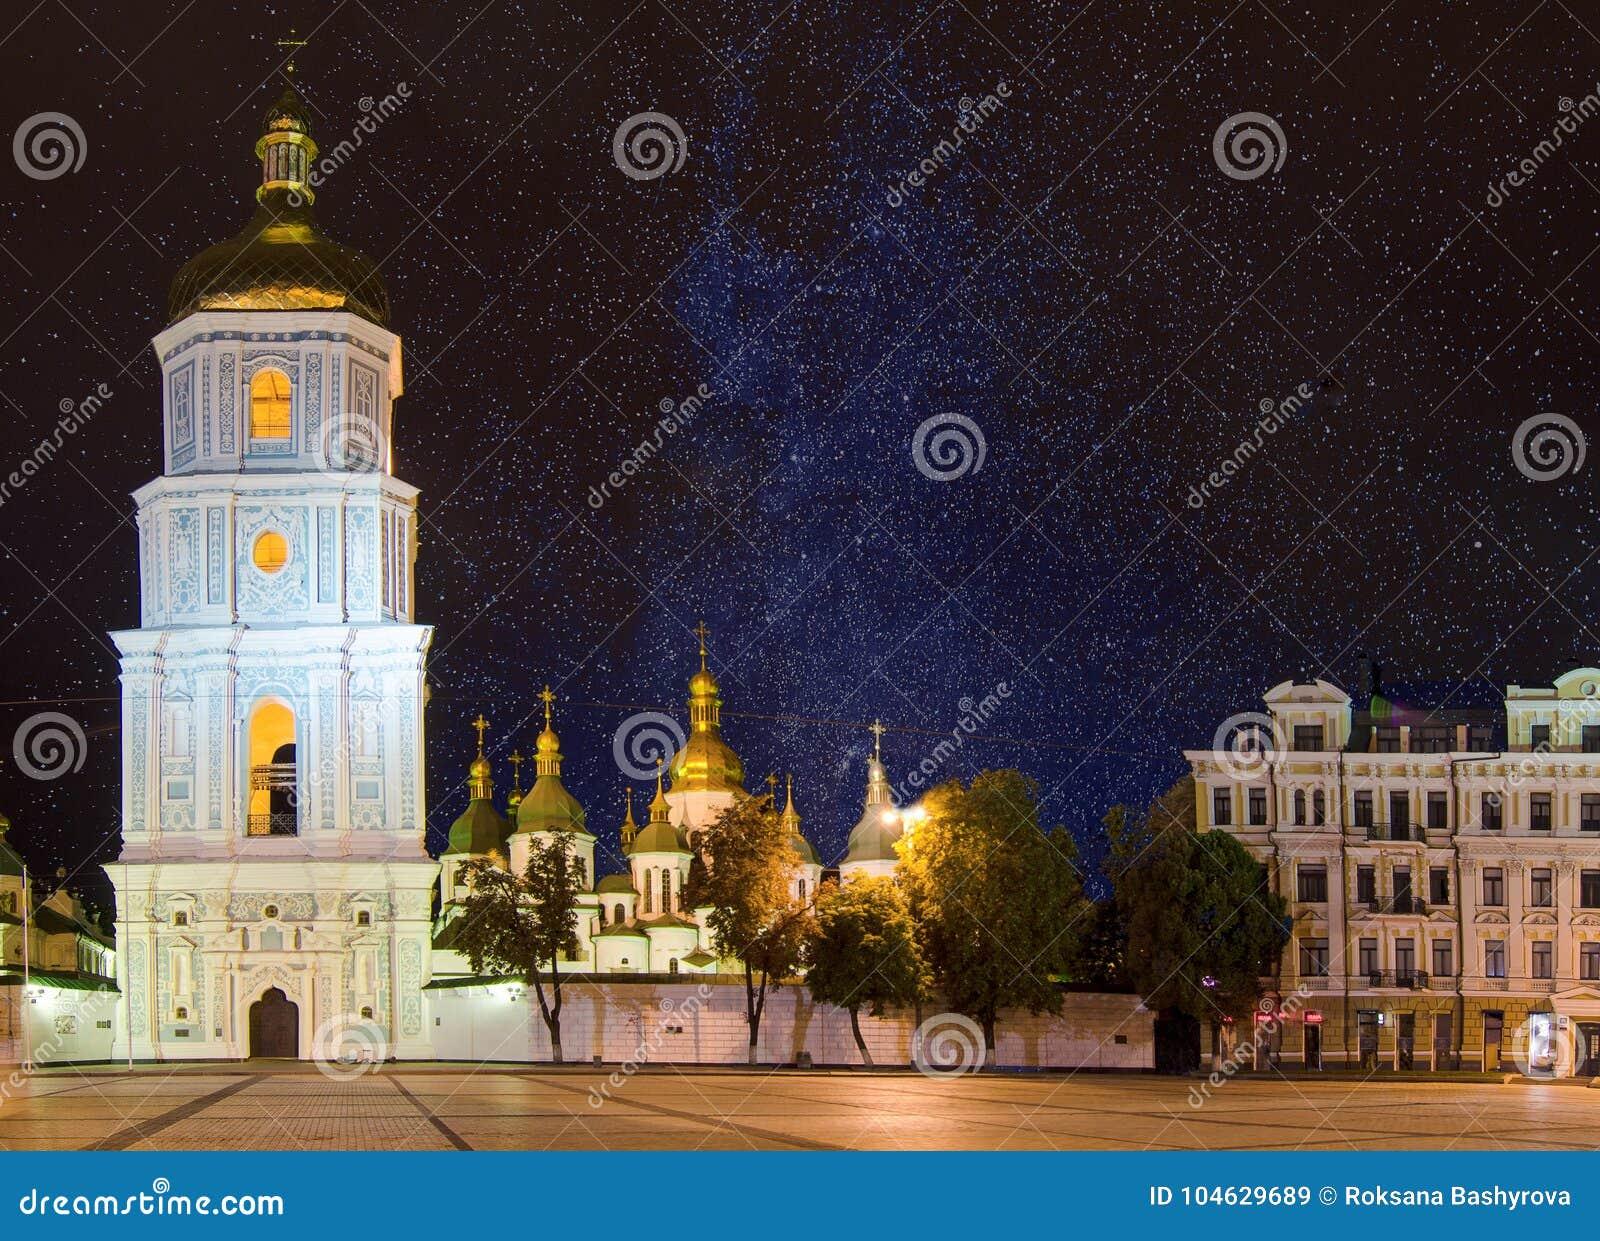 Download Het Vierkant Van Sofia Bij Nacht Redactionele Stock Afbeelding - Afbeelding bestaande uit oriëntatiepunt, enchantment: 104629689